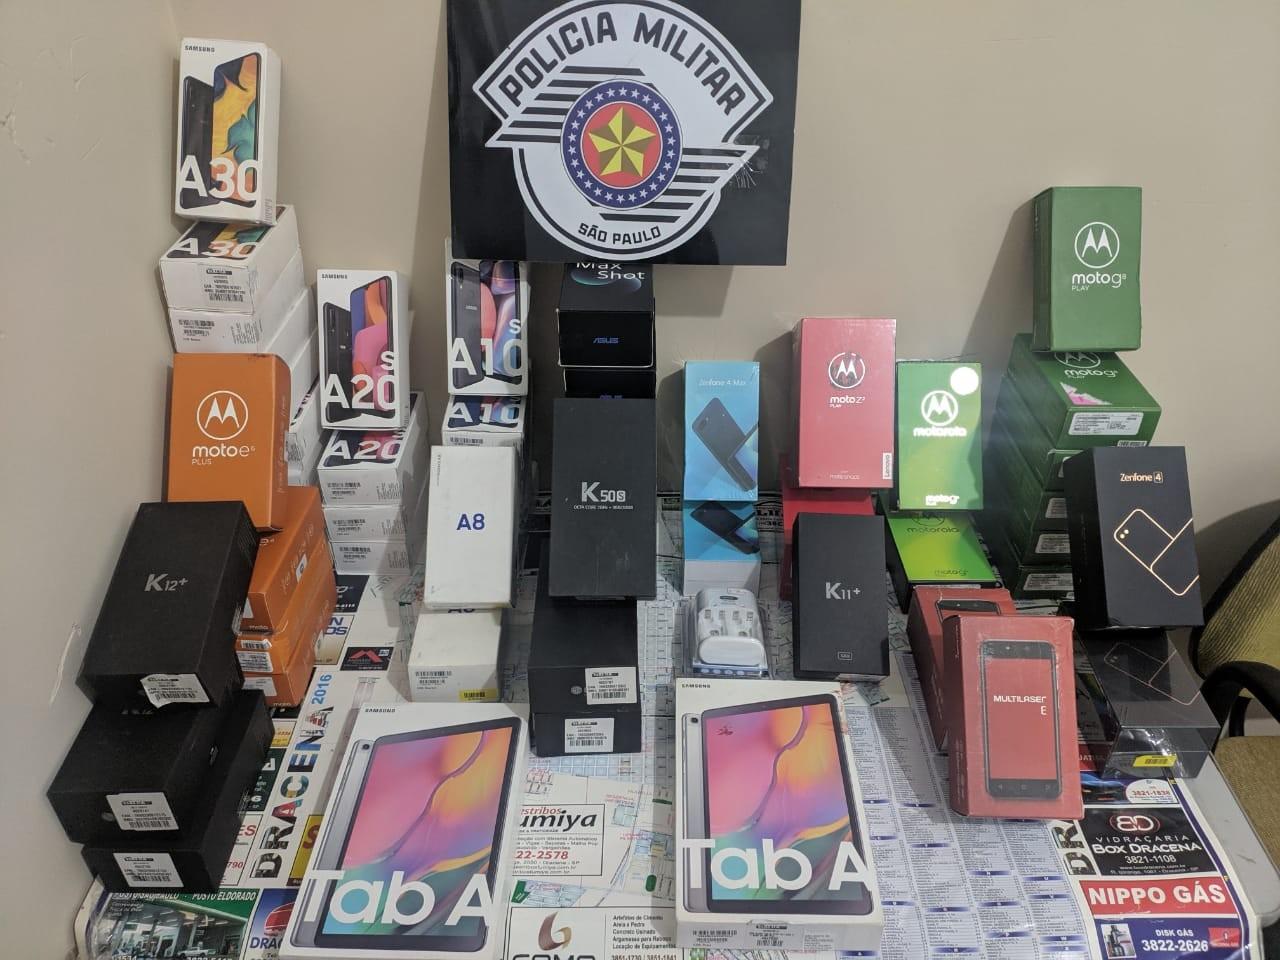 Dupla tenta escapar de abordagem policial, mas acaba presa após furtar R$ 120 mil em aparelhos eletrônicos de loja